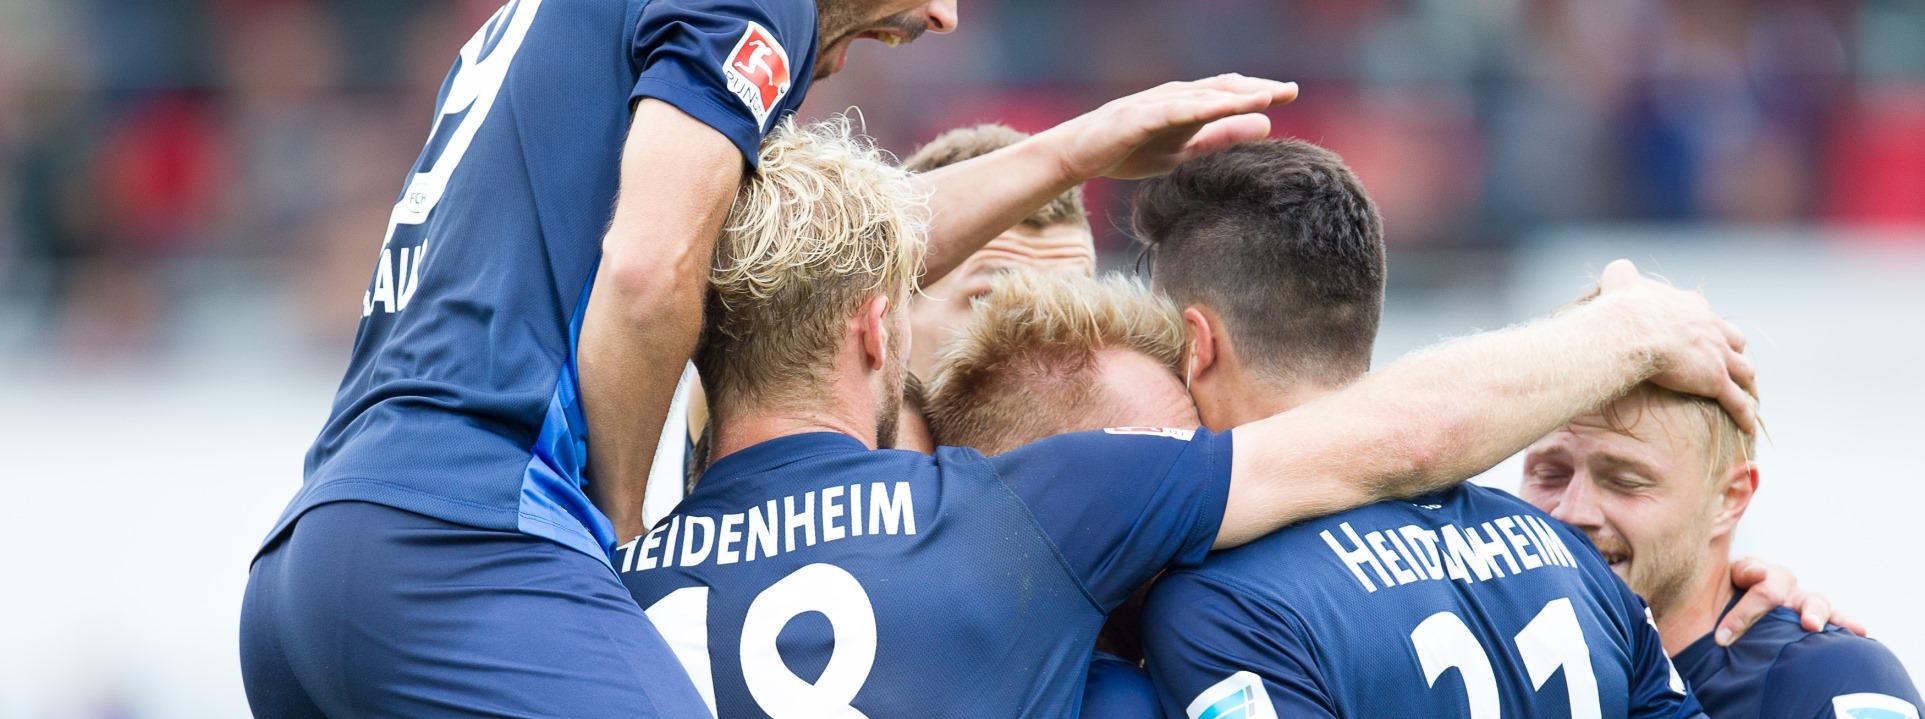 Ticketshop Heidenheim